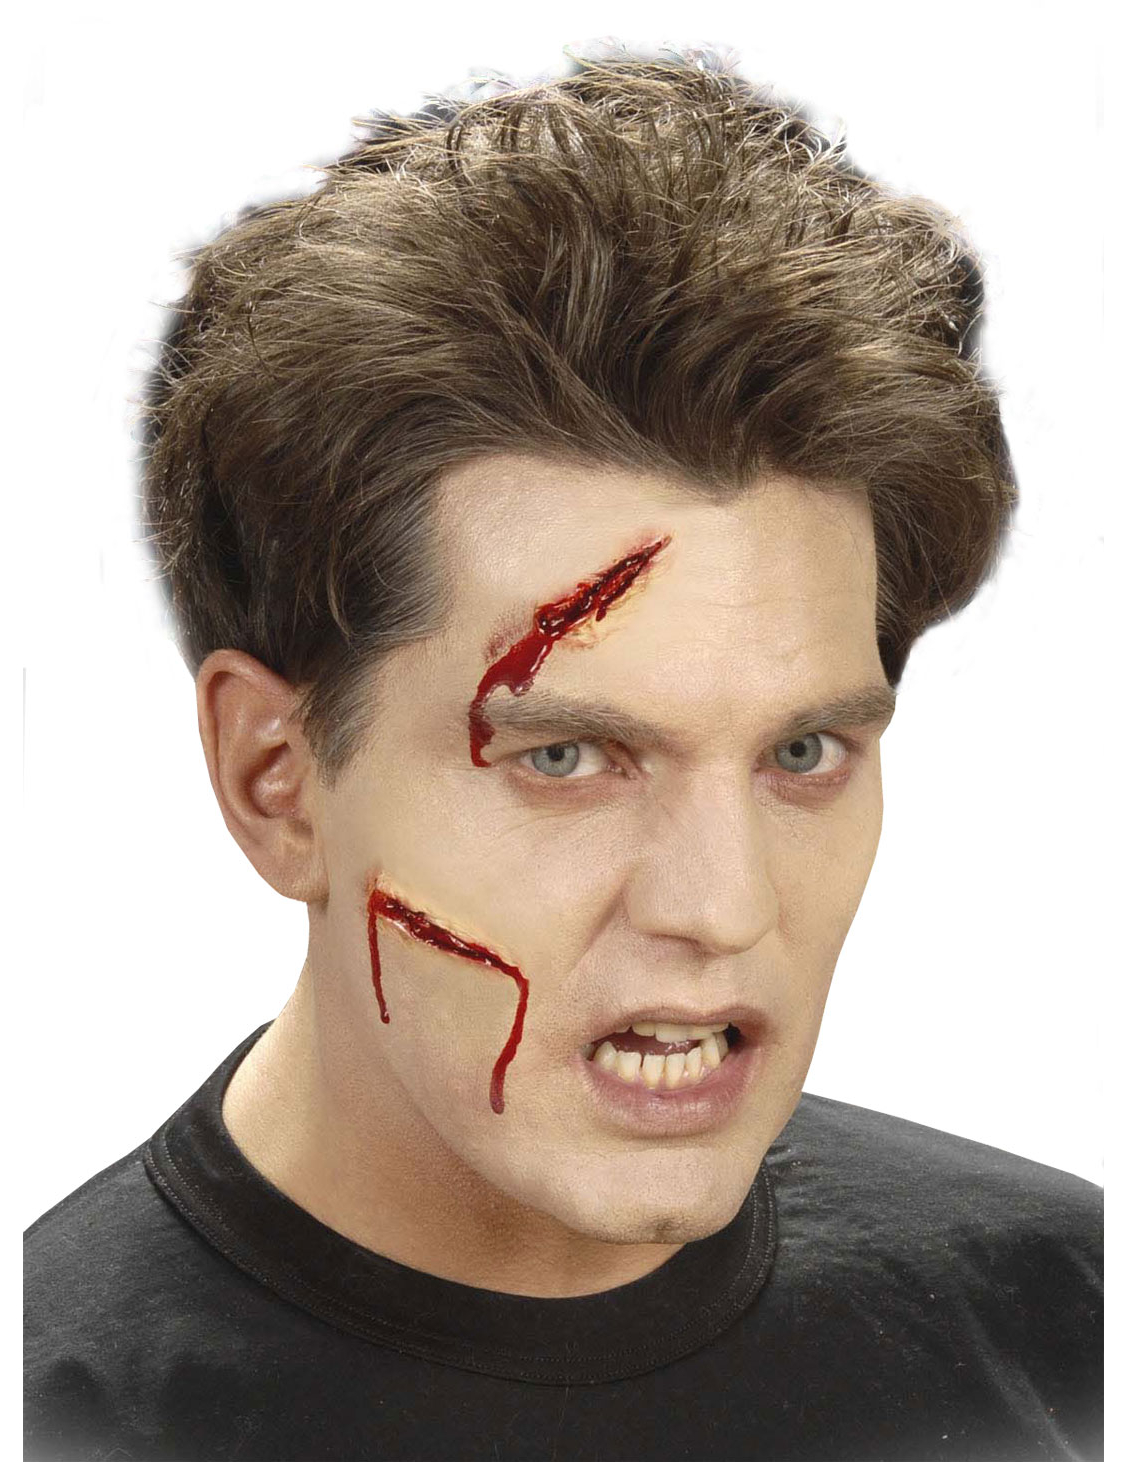 Ferite da taglio finte per halloween acquito trucchi on line - Trucchi per taglio piastrelle ...